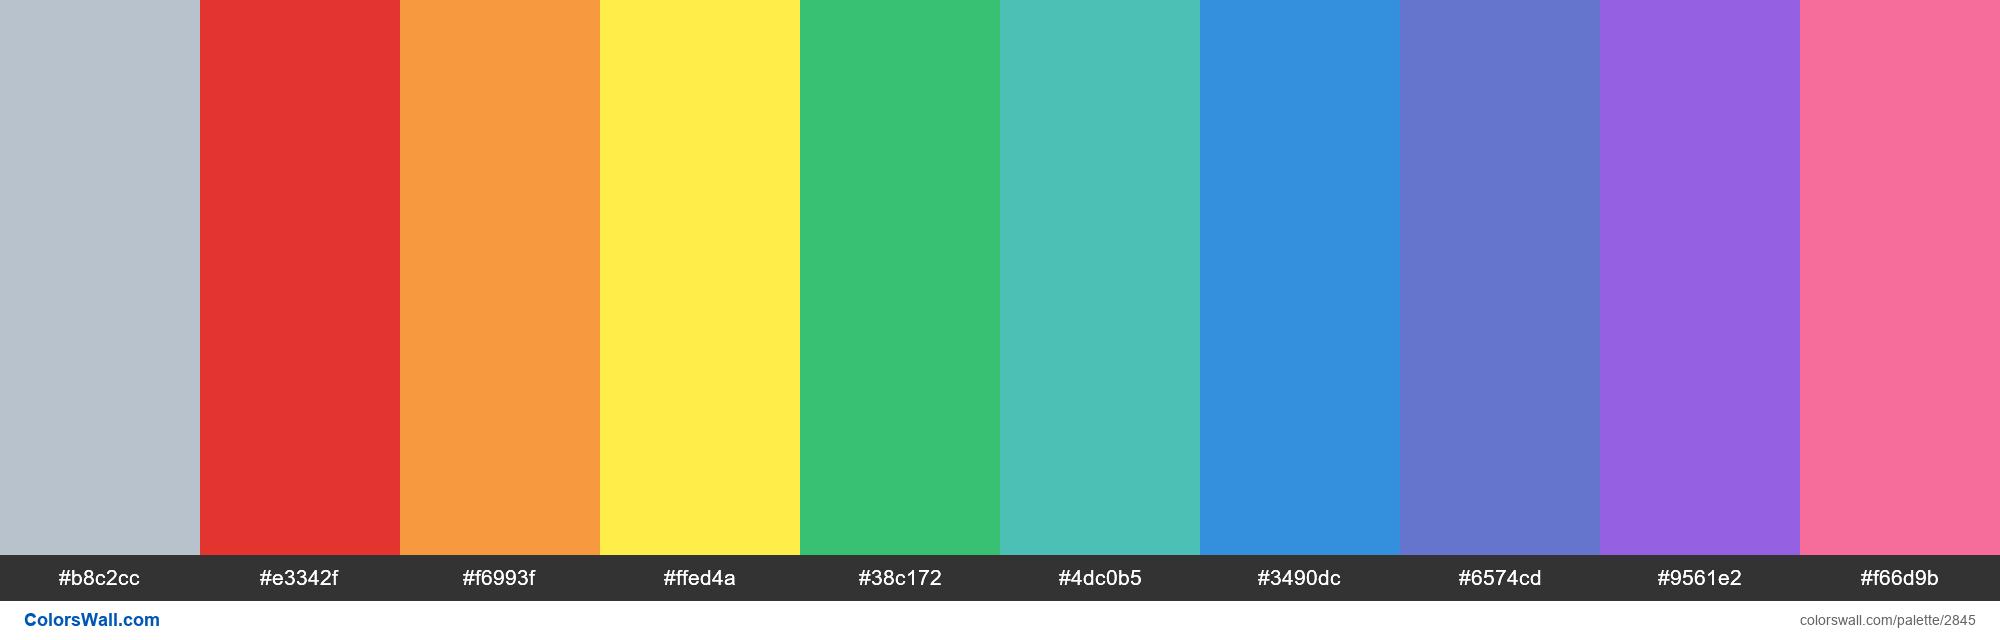 Tailwind CSS default colors palette - #2845